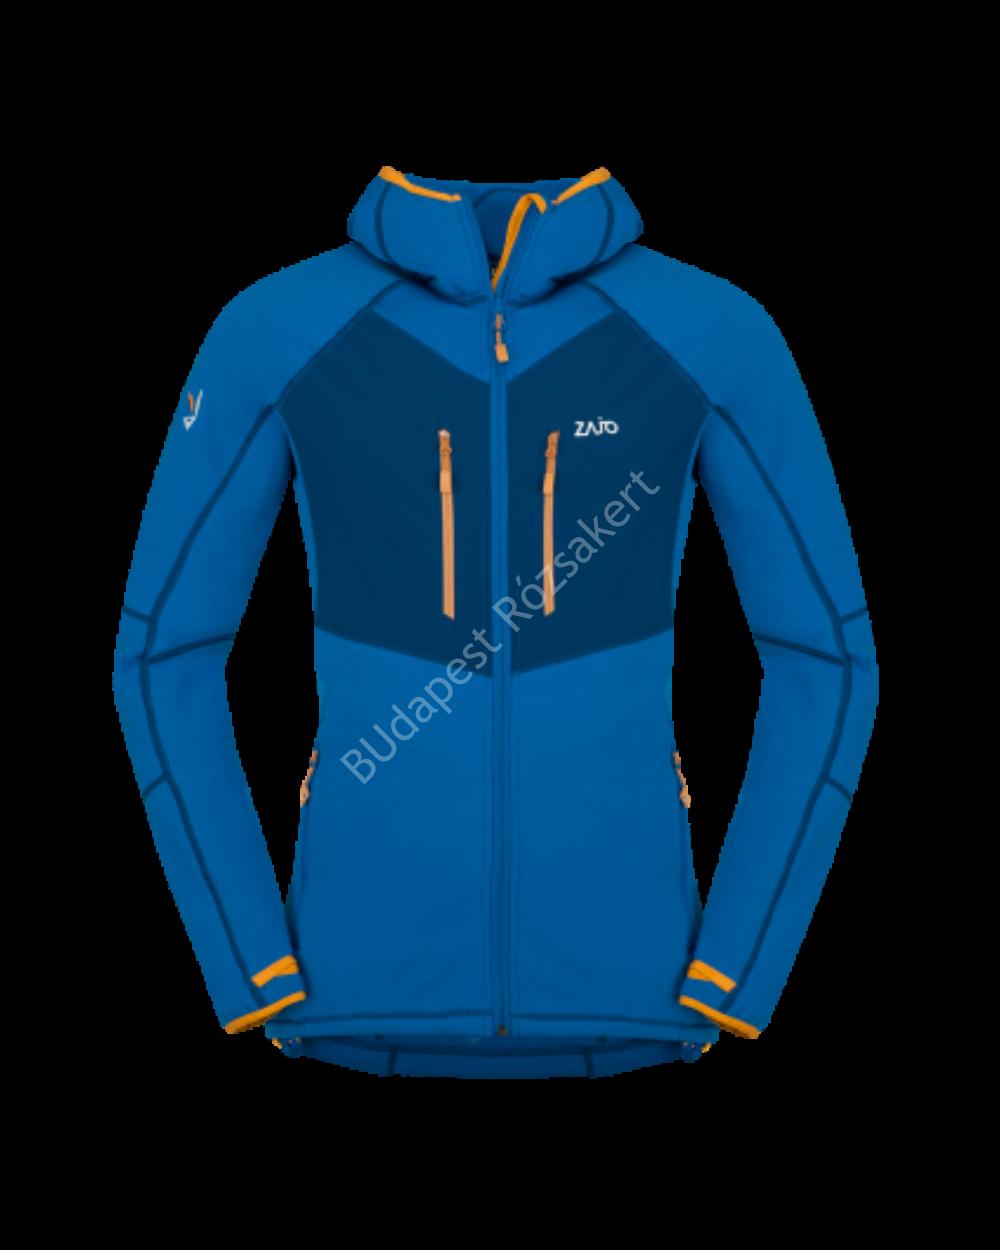 Zajo Glacier Neo Jkt Polartec férfi polár pulóver, nautical blue